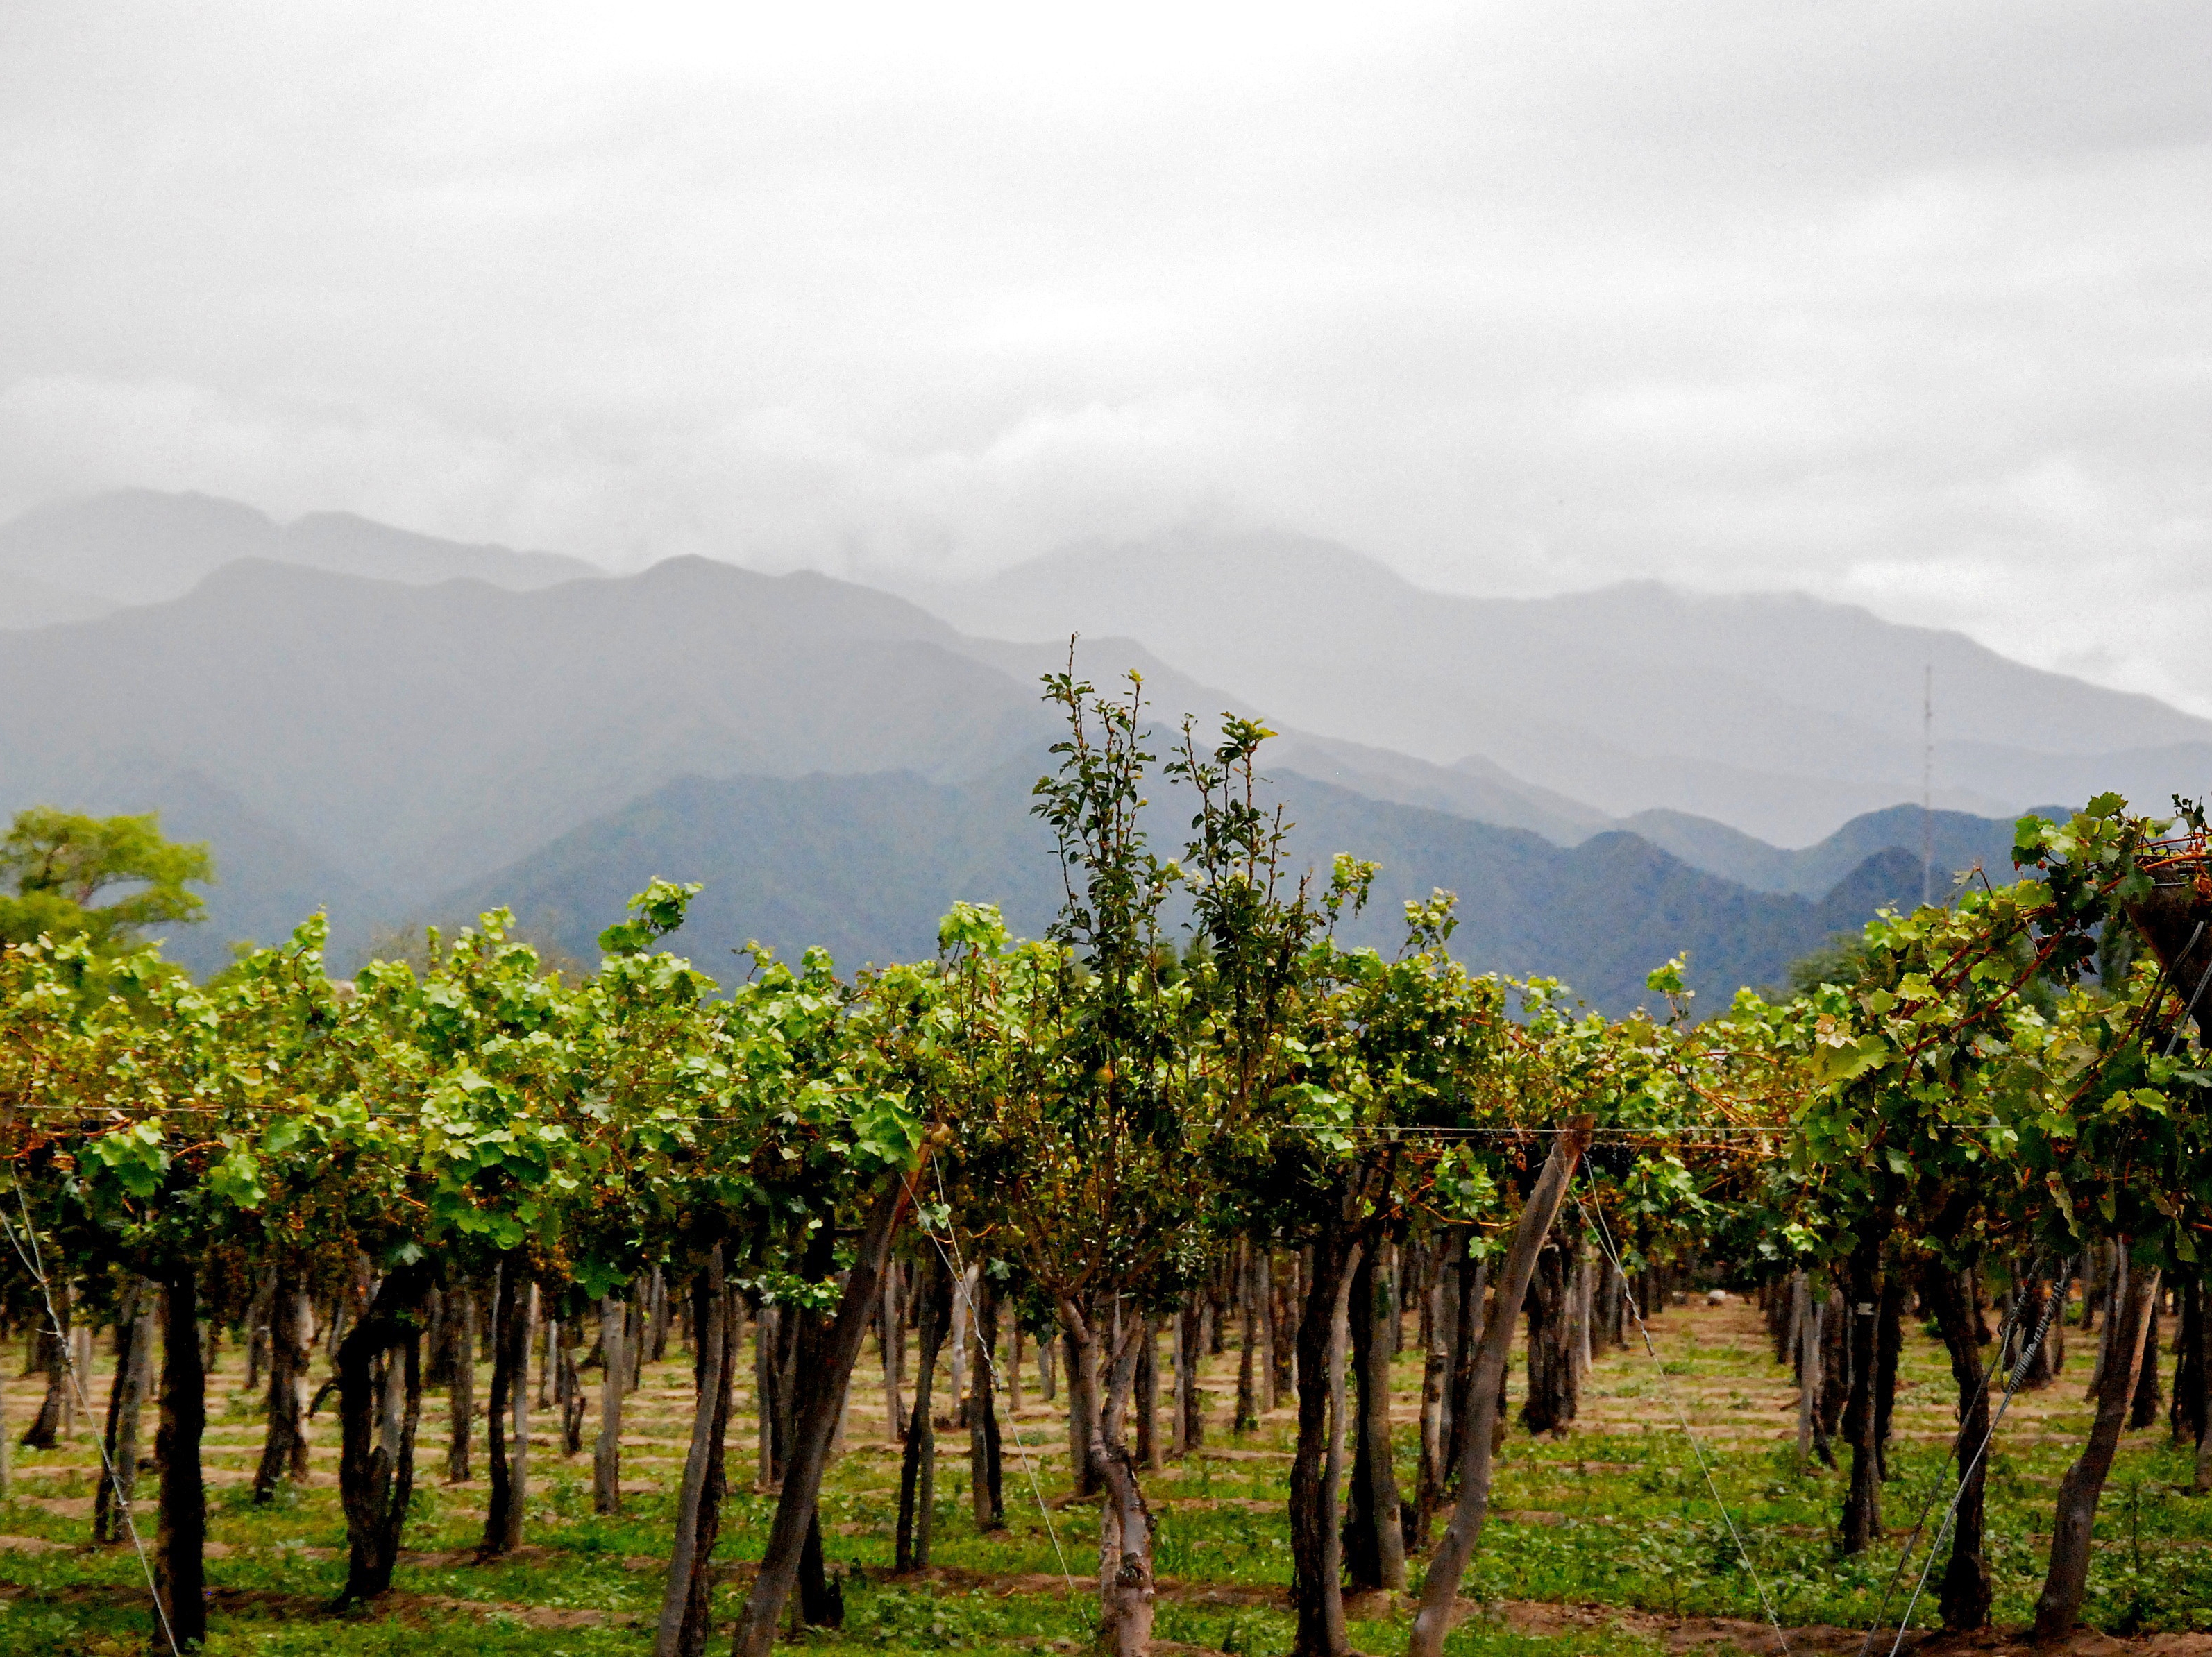 Cafayate vineyards, Northwest Argentina